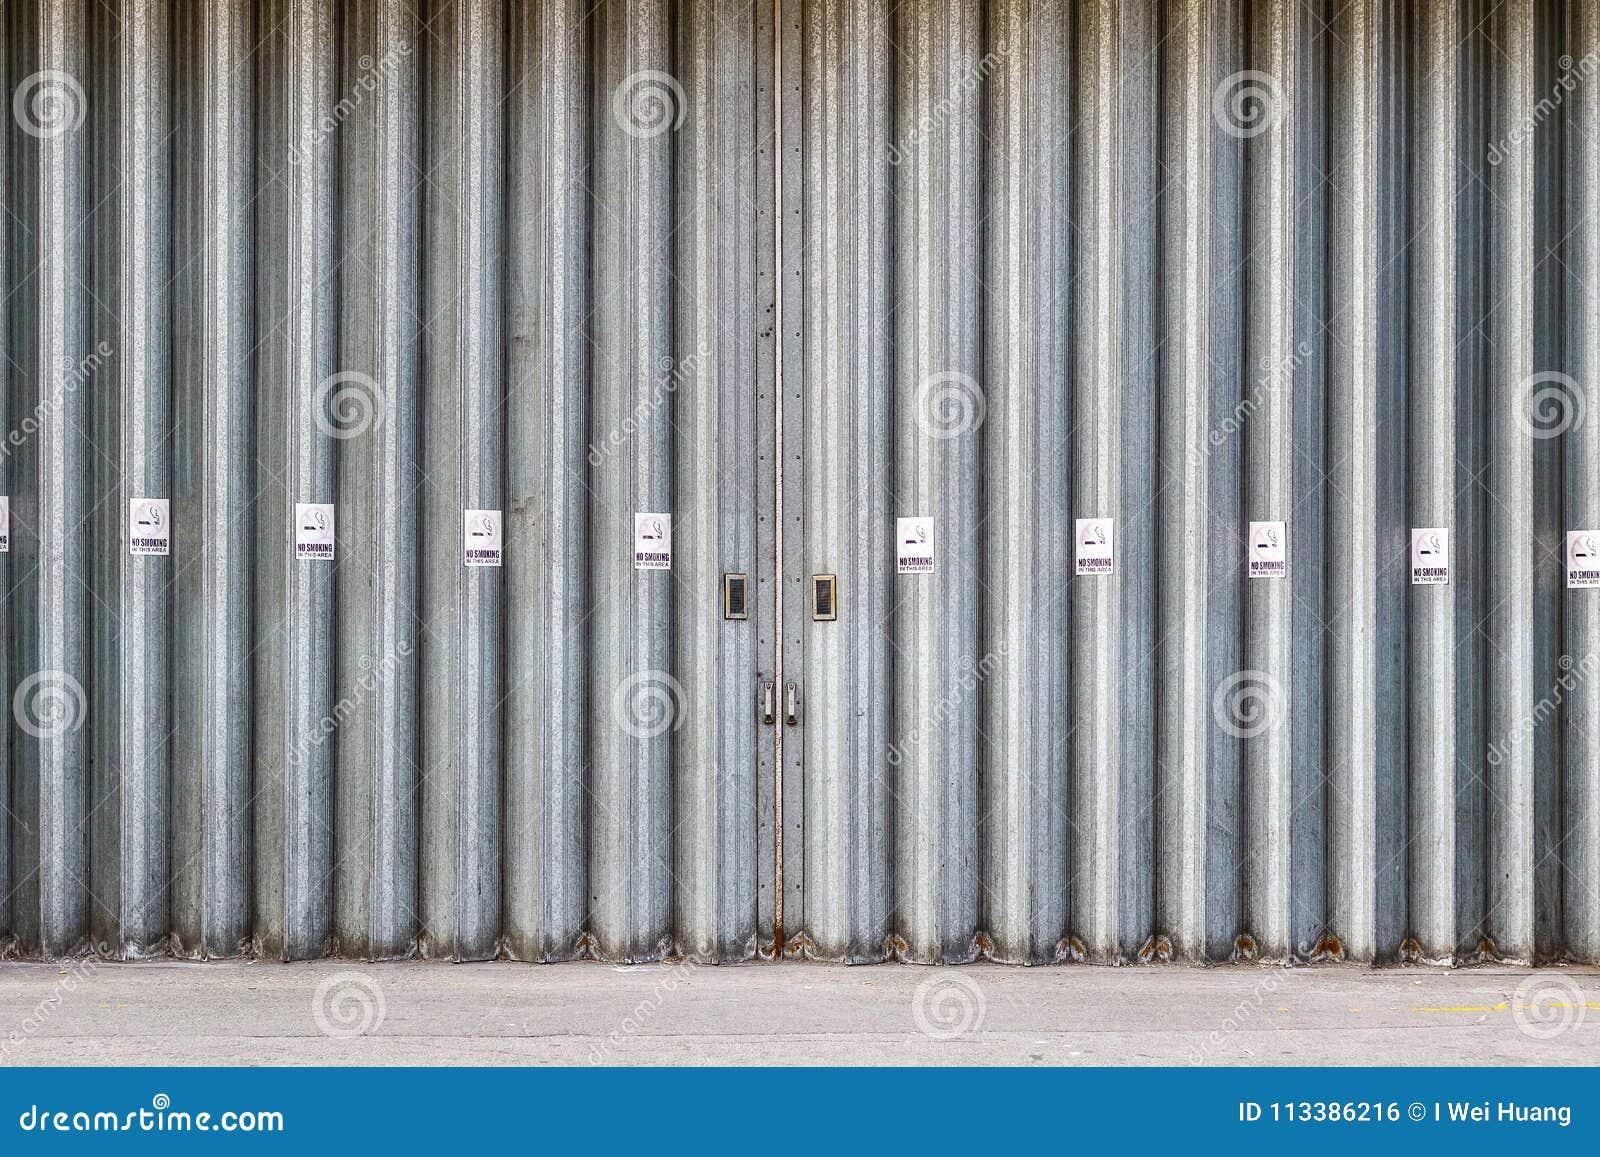 Glijdend en vouwend industriële deuren met Nr - rokende tekens